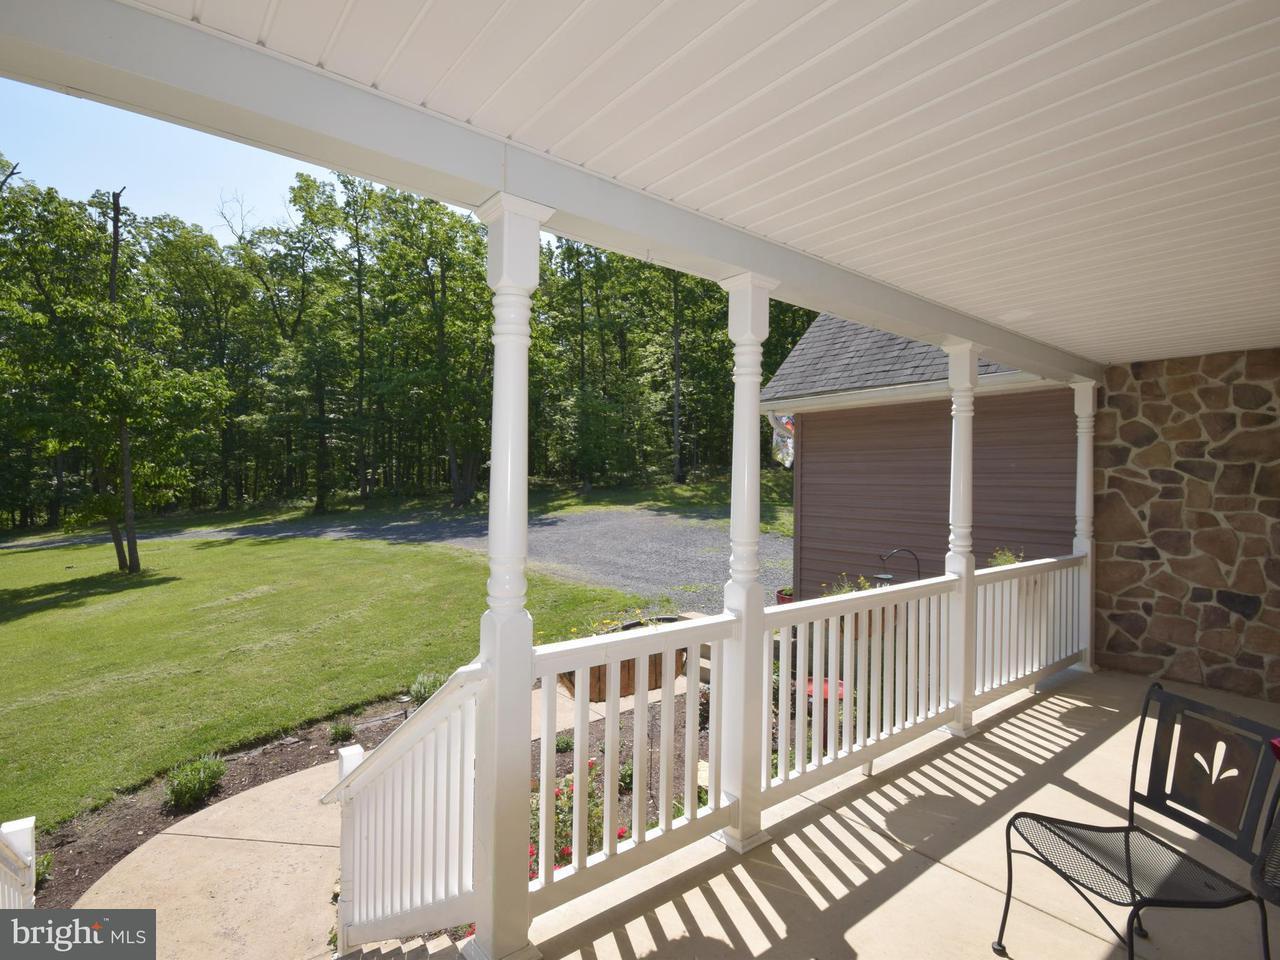 Einfamilienhaus für Verkauf beim 3184 Turkey Run Road 3184 Turkey Run Road Star Tannery, Virginia 22654 Vereinigte Staaten